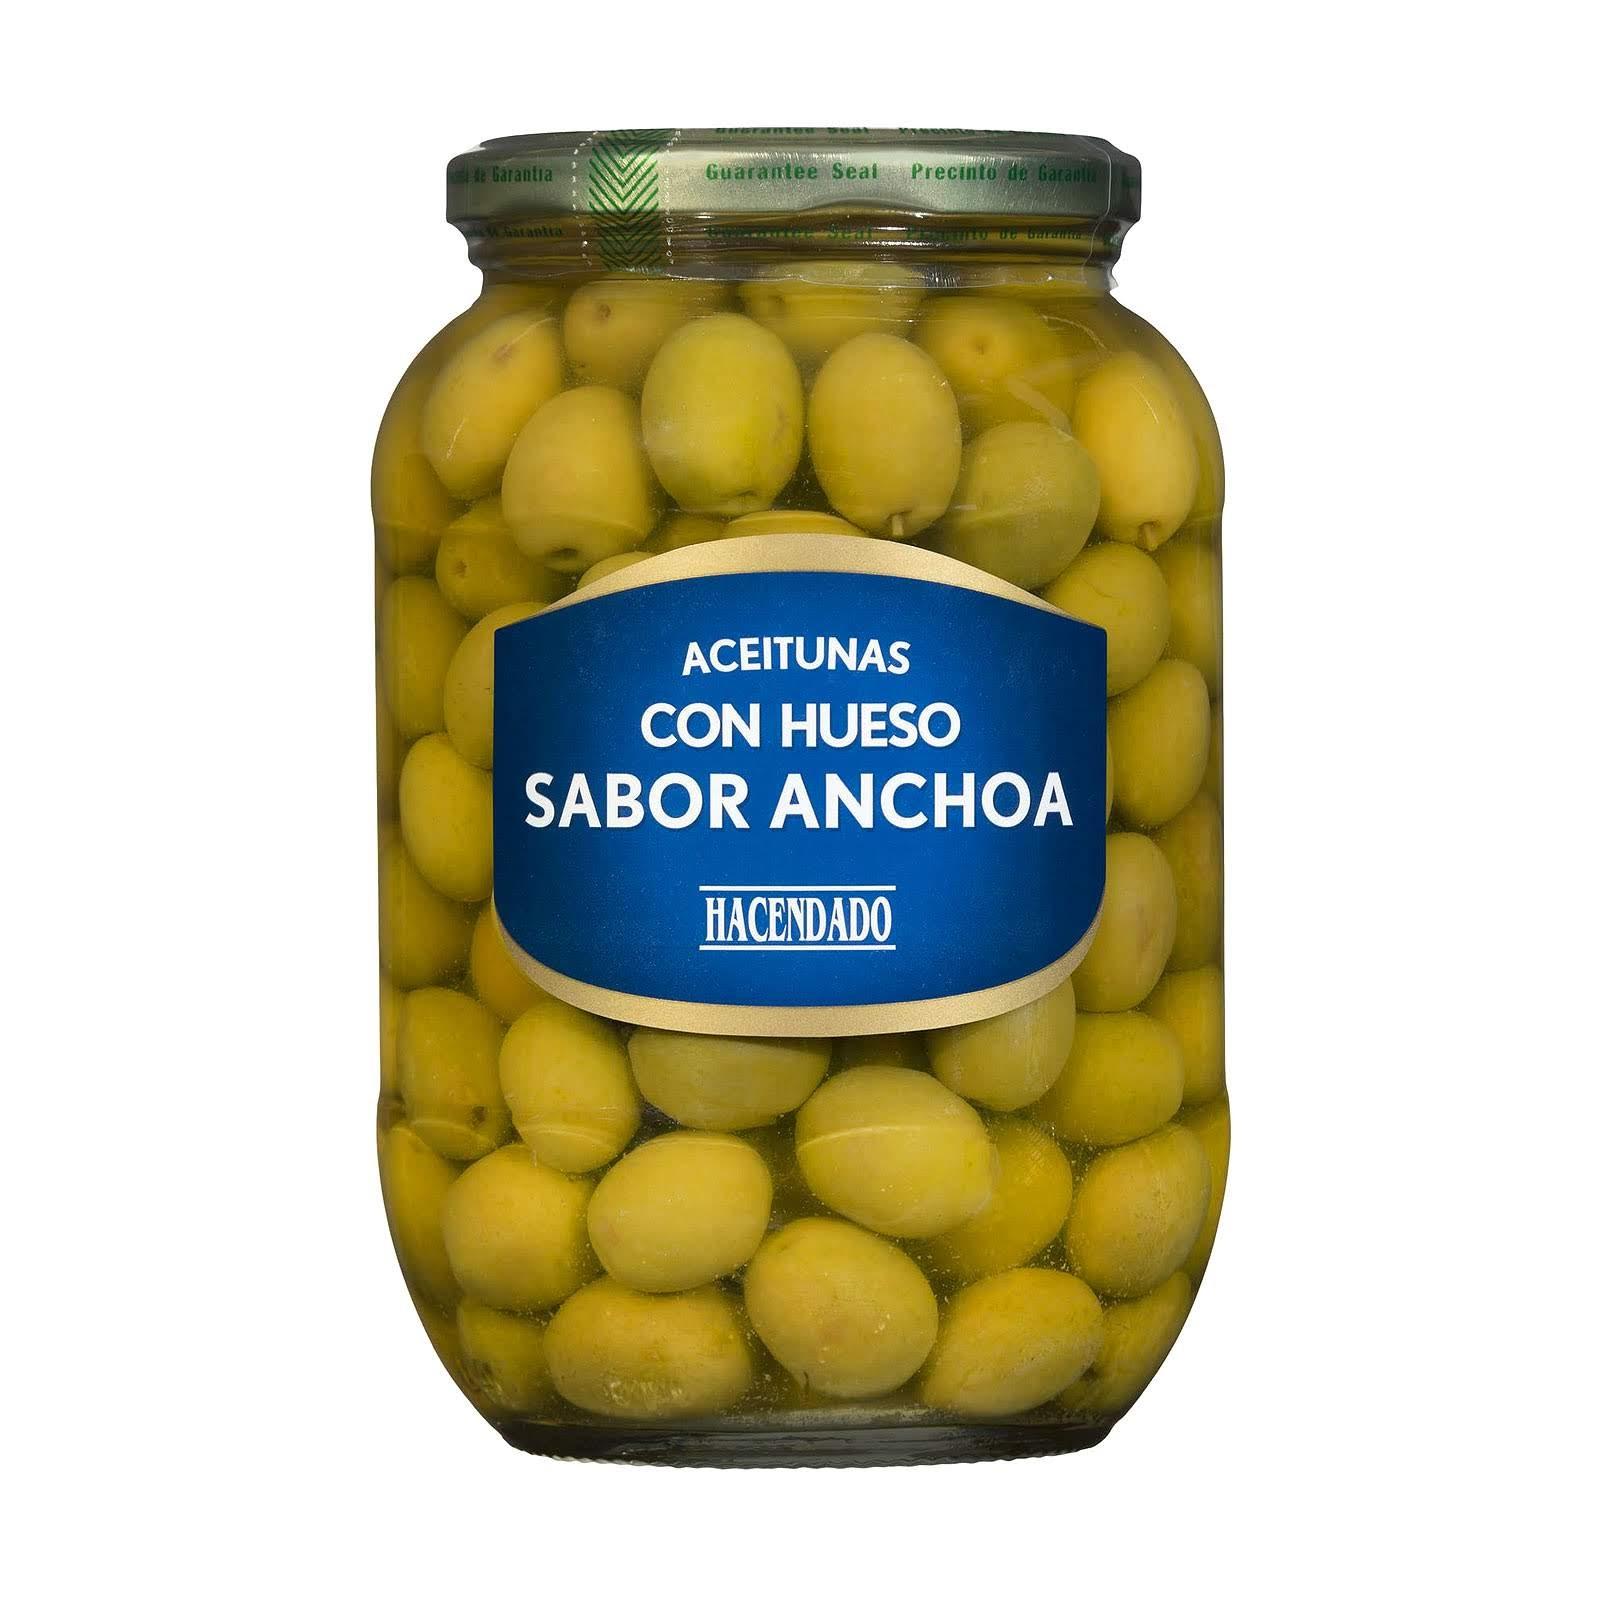 Aceitunas verdes manzanilla con hueso sabor anchoa Hacendado